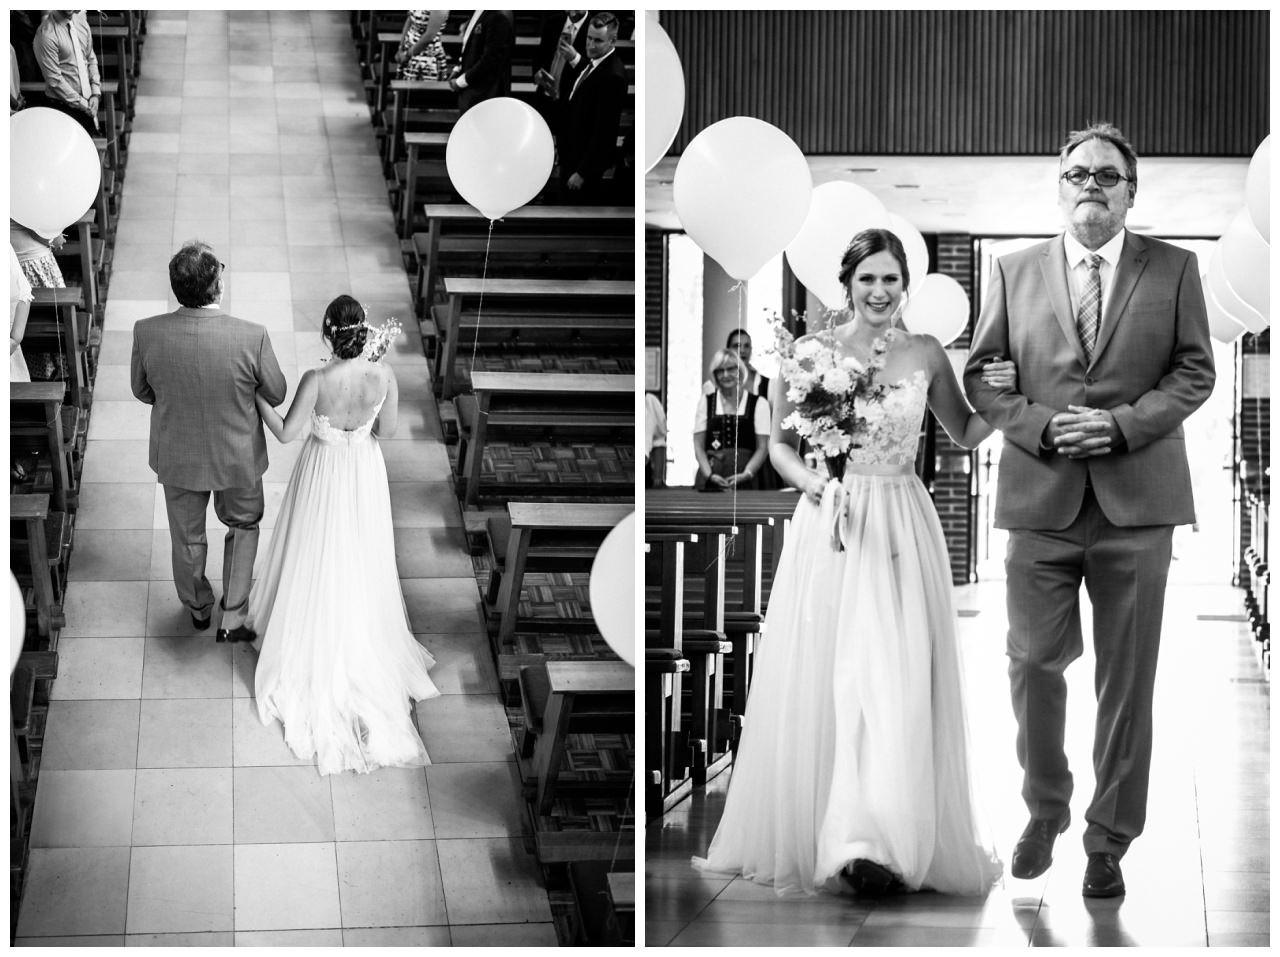 Die Braut wird von ihrem Brautvater in die Kirche geführt.